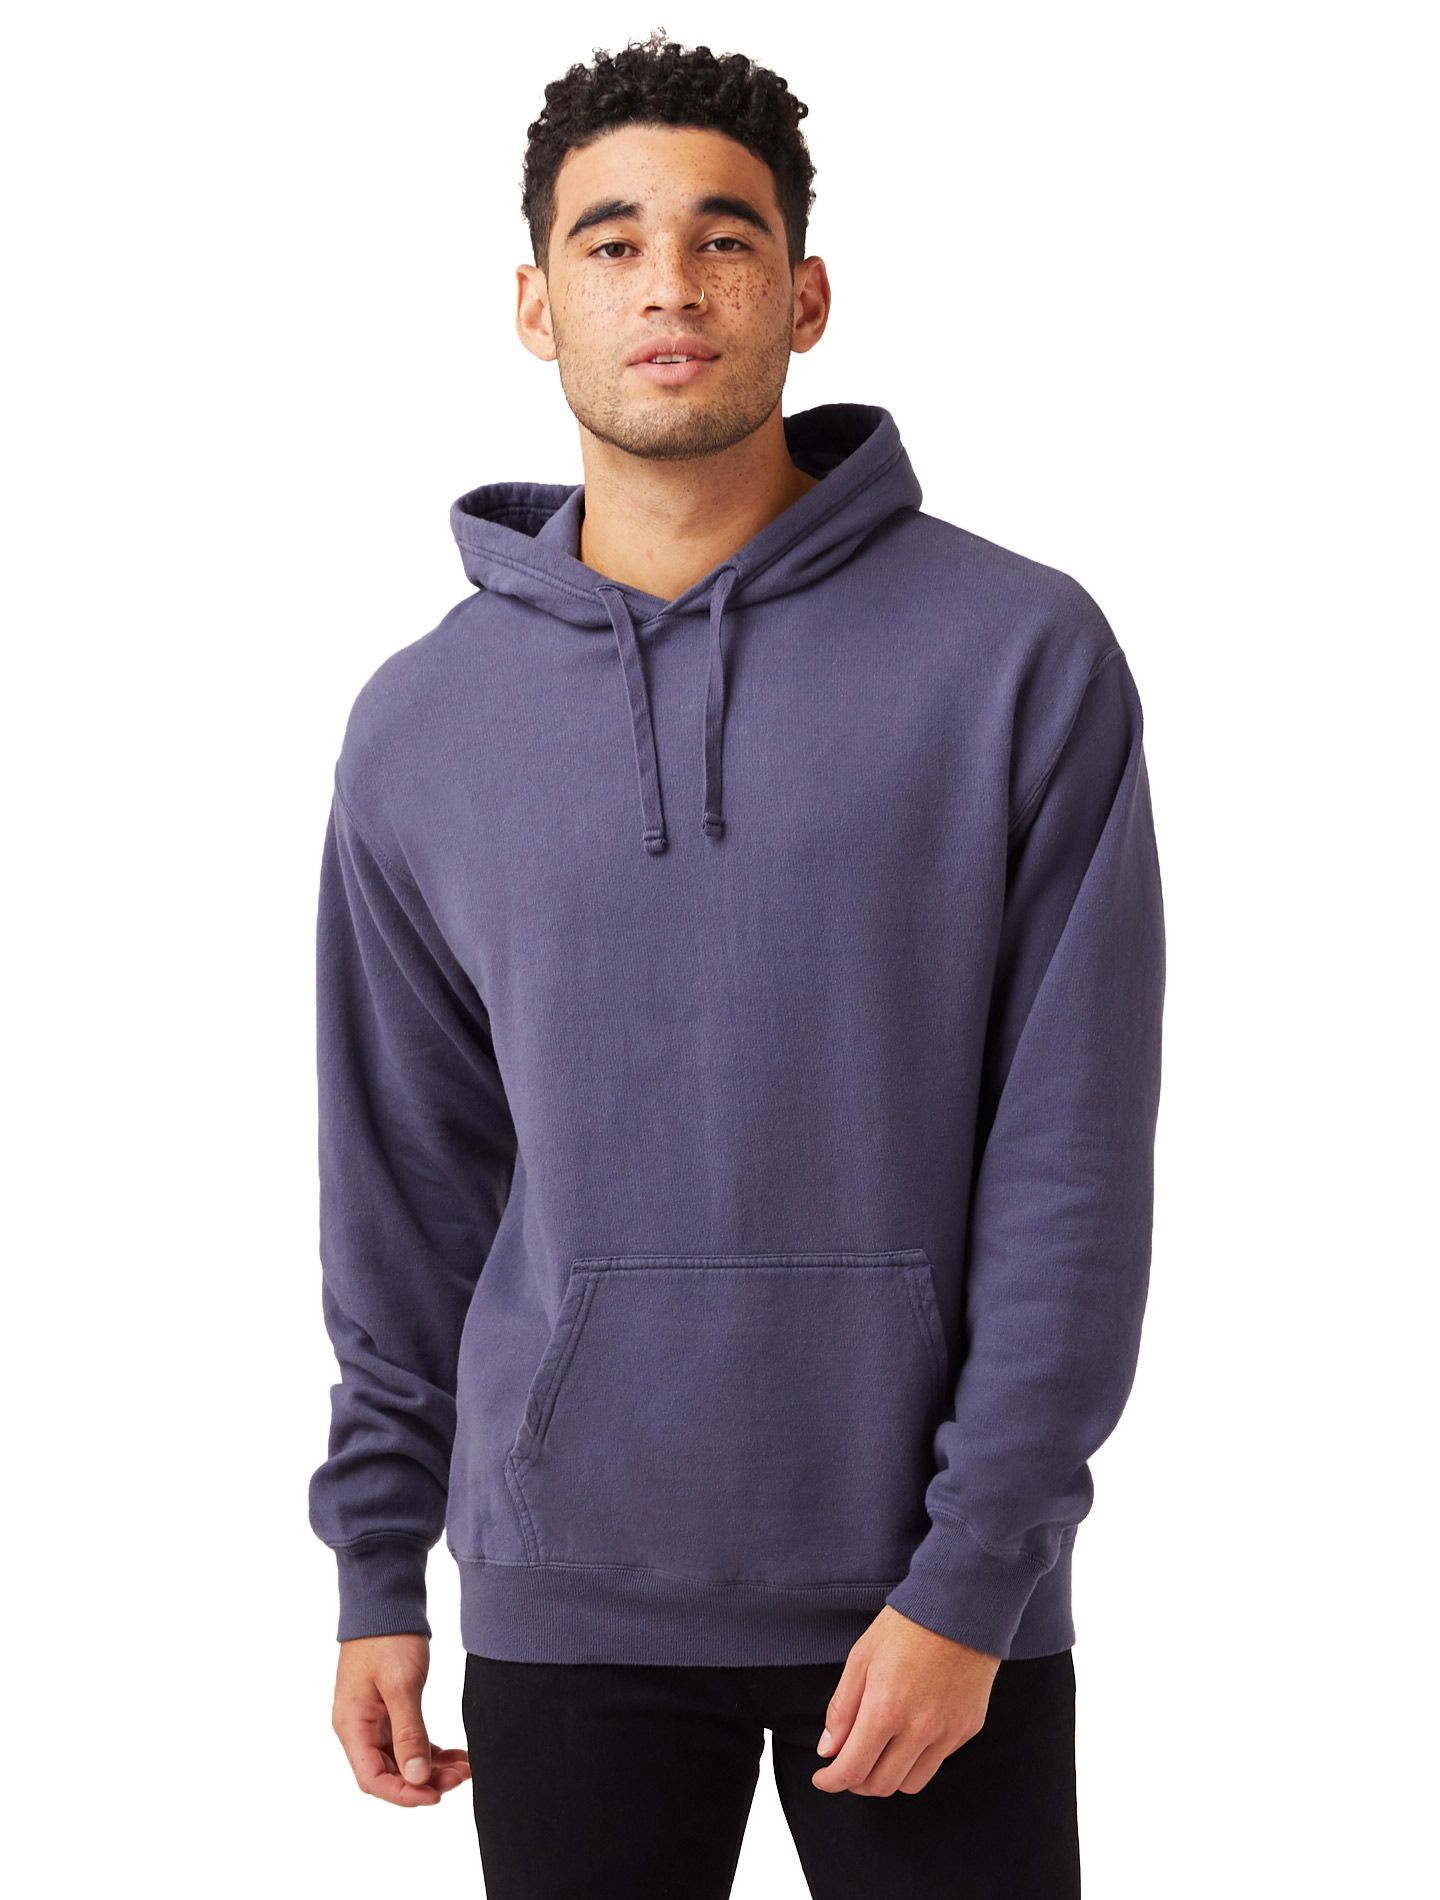 Hanes Men's ComfortWash™ Garment Dyed Fleece Hoodie Sweatshirt men Hanes